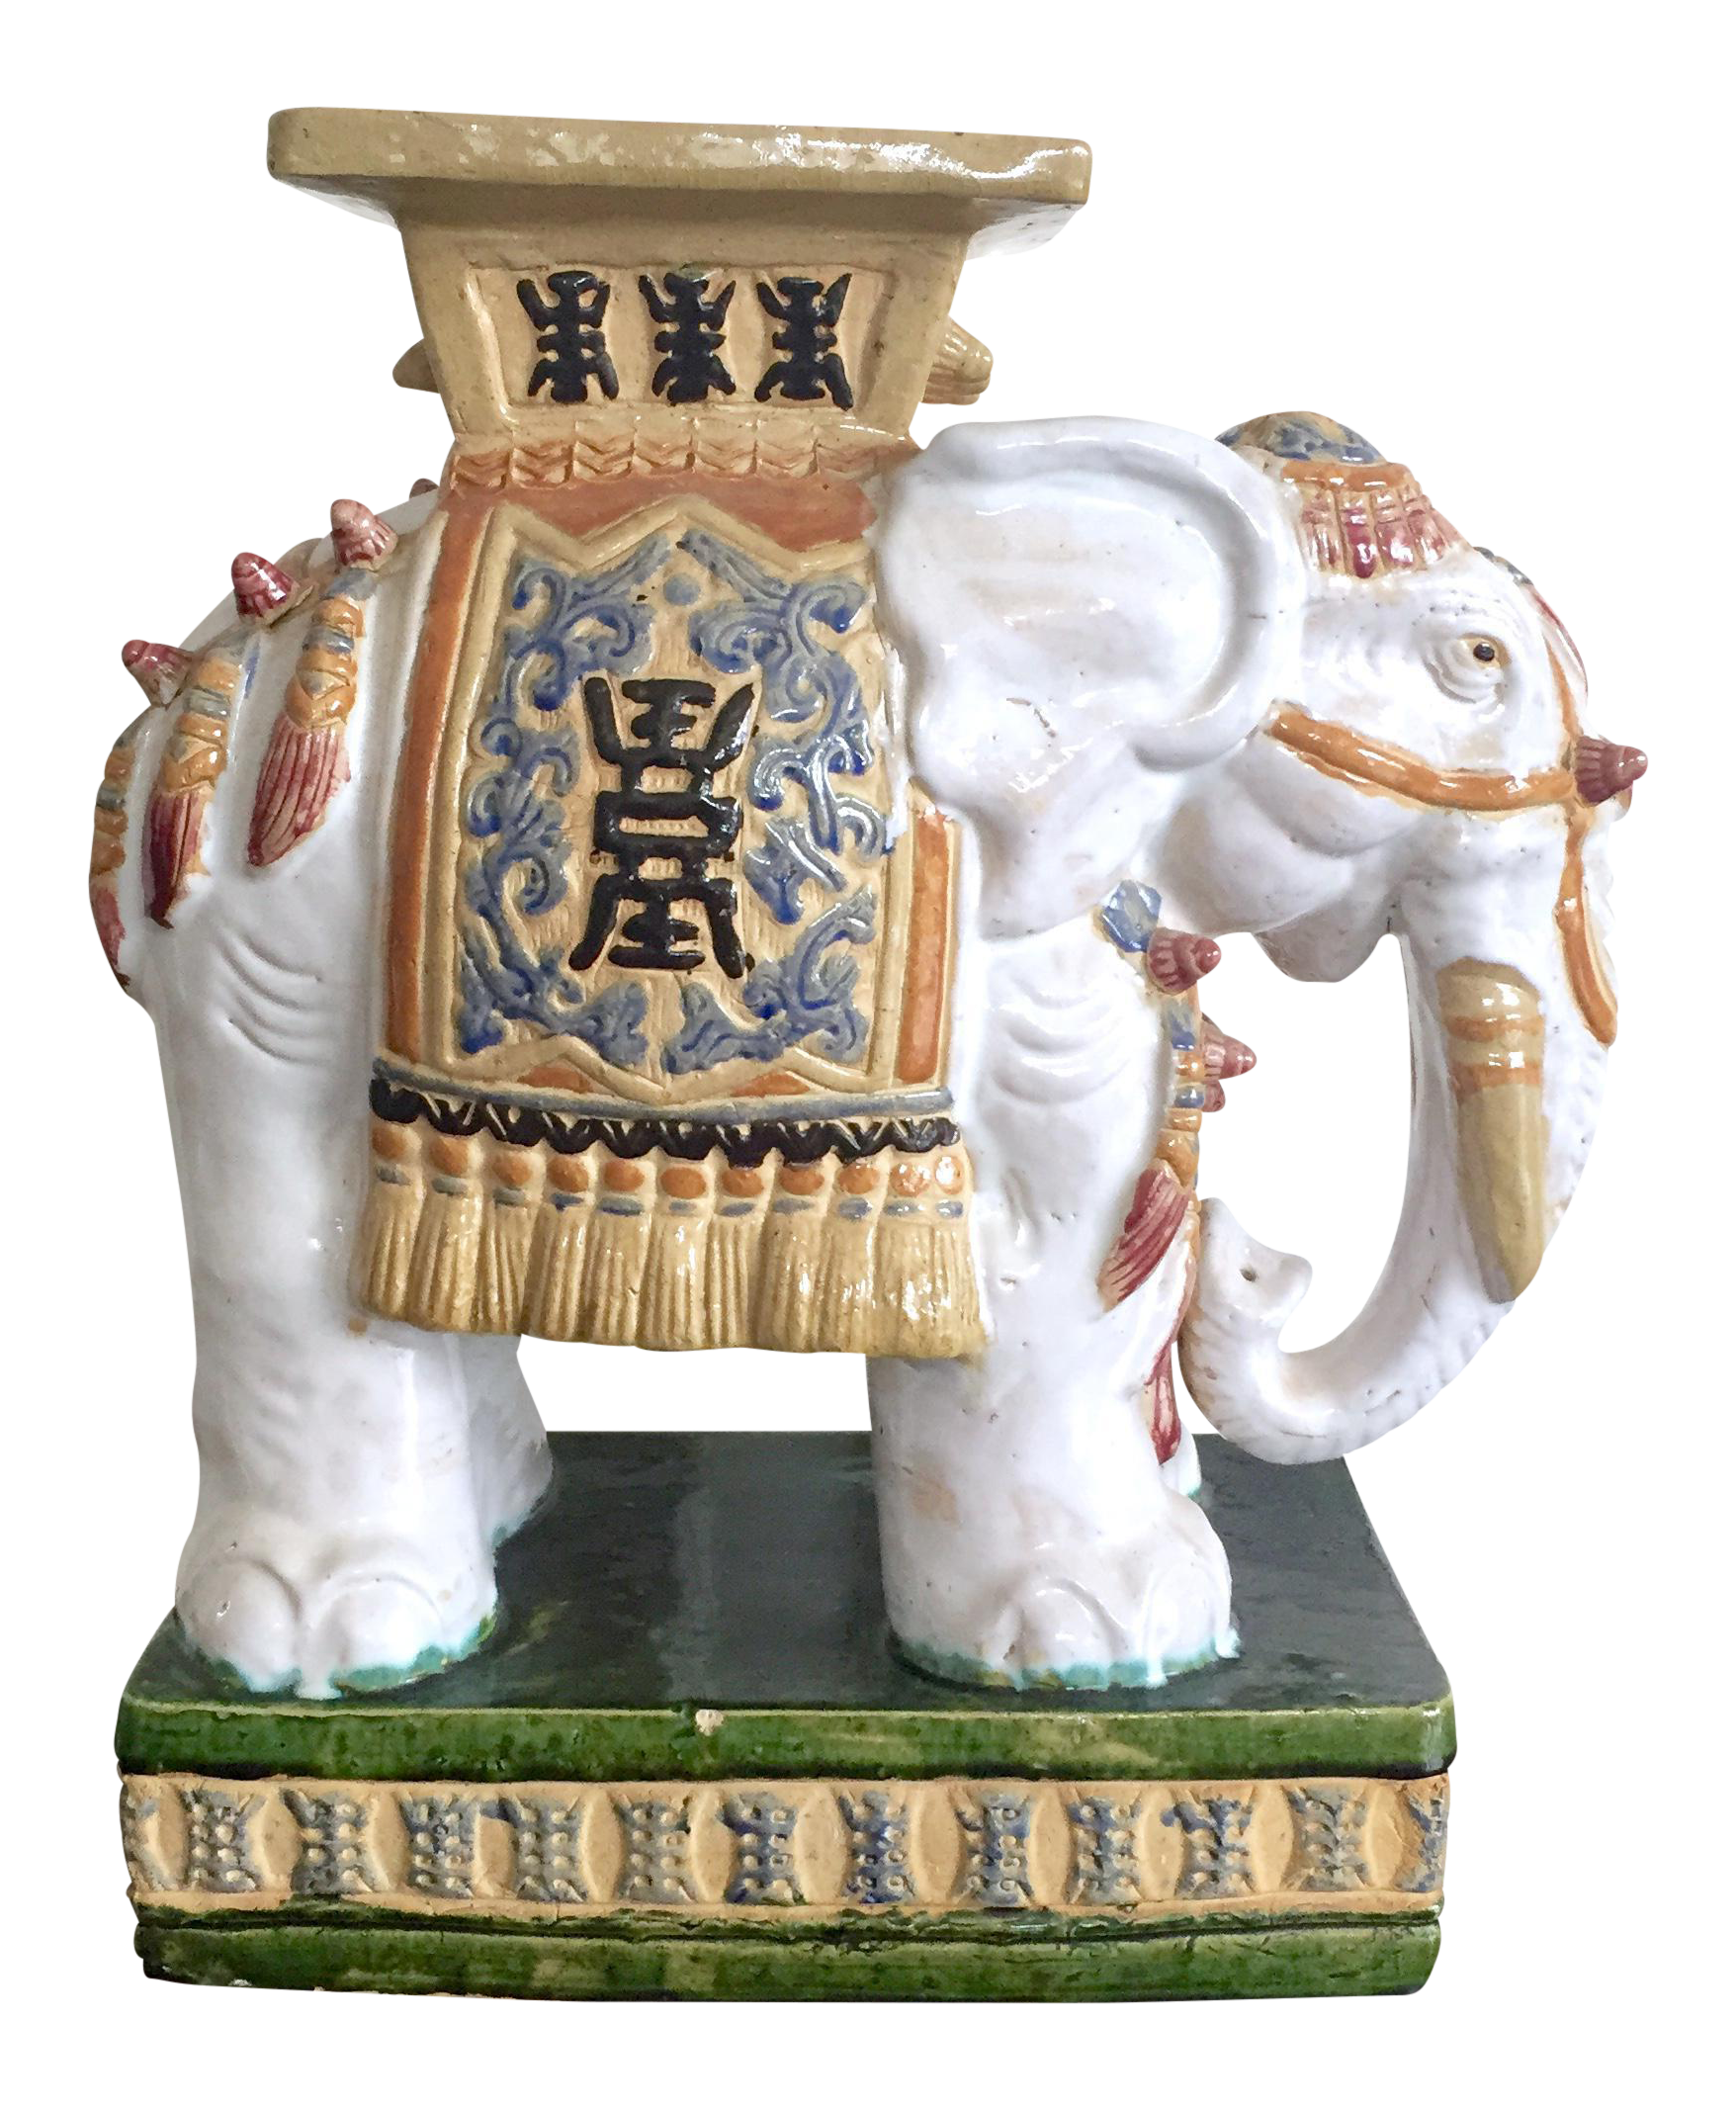 Awesome Vintage Ceramic Elephant Garden Stools #8 - Vintage Colorful Ceramic Elephant Garden Stool